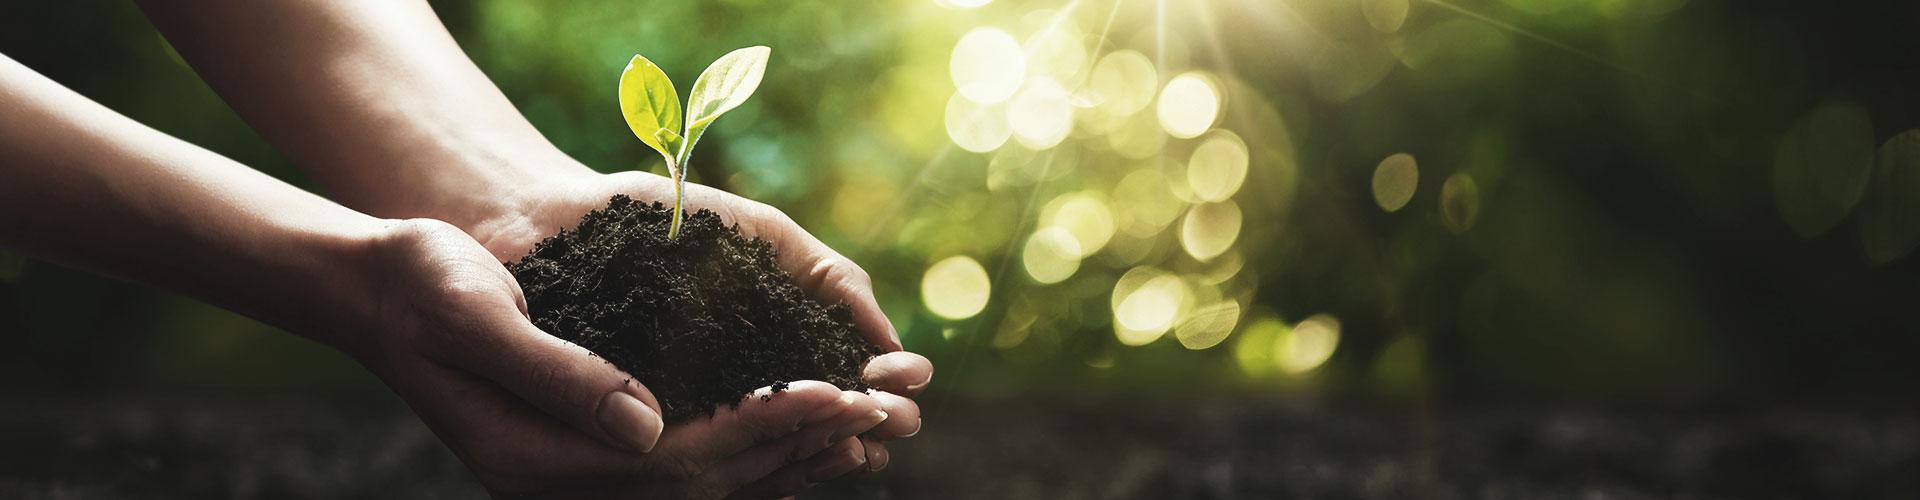 Hände halten eine kleine Pflanze und Erde